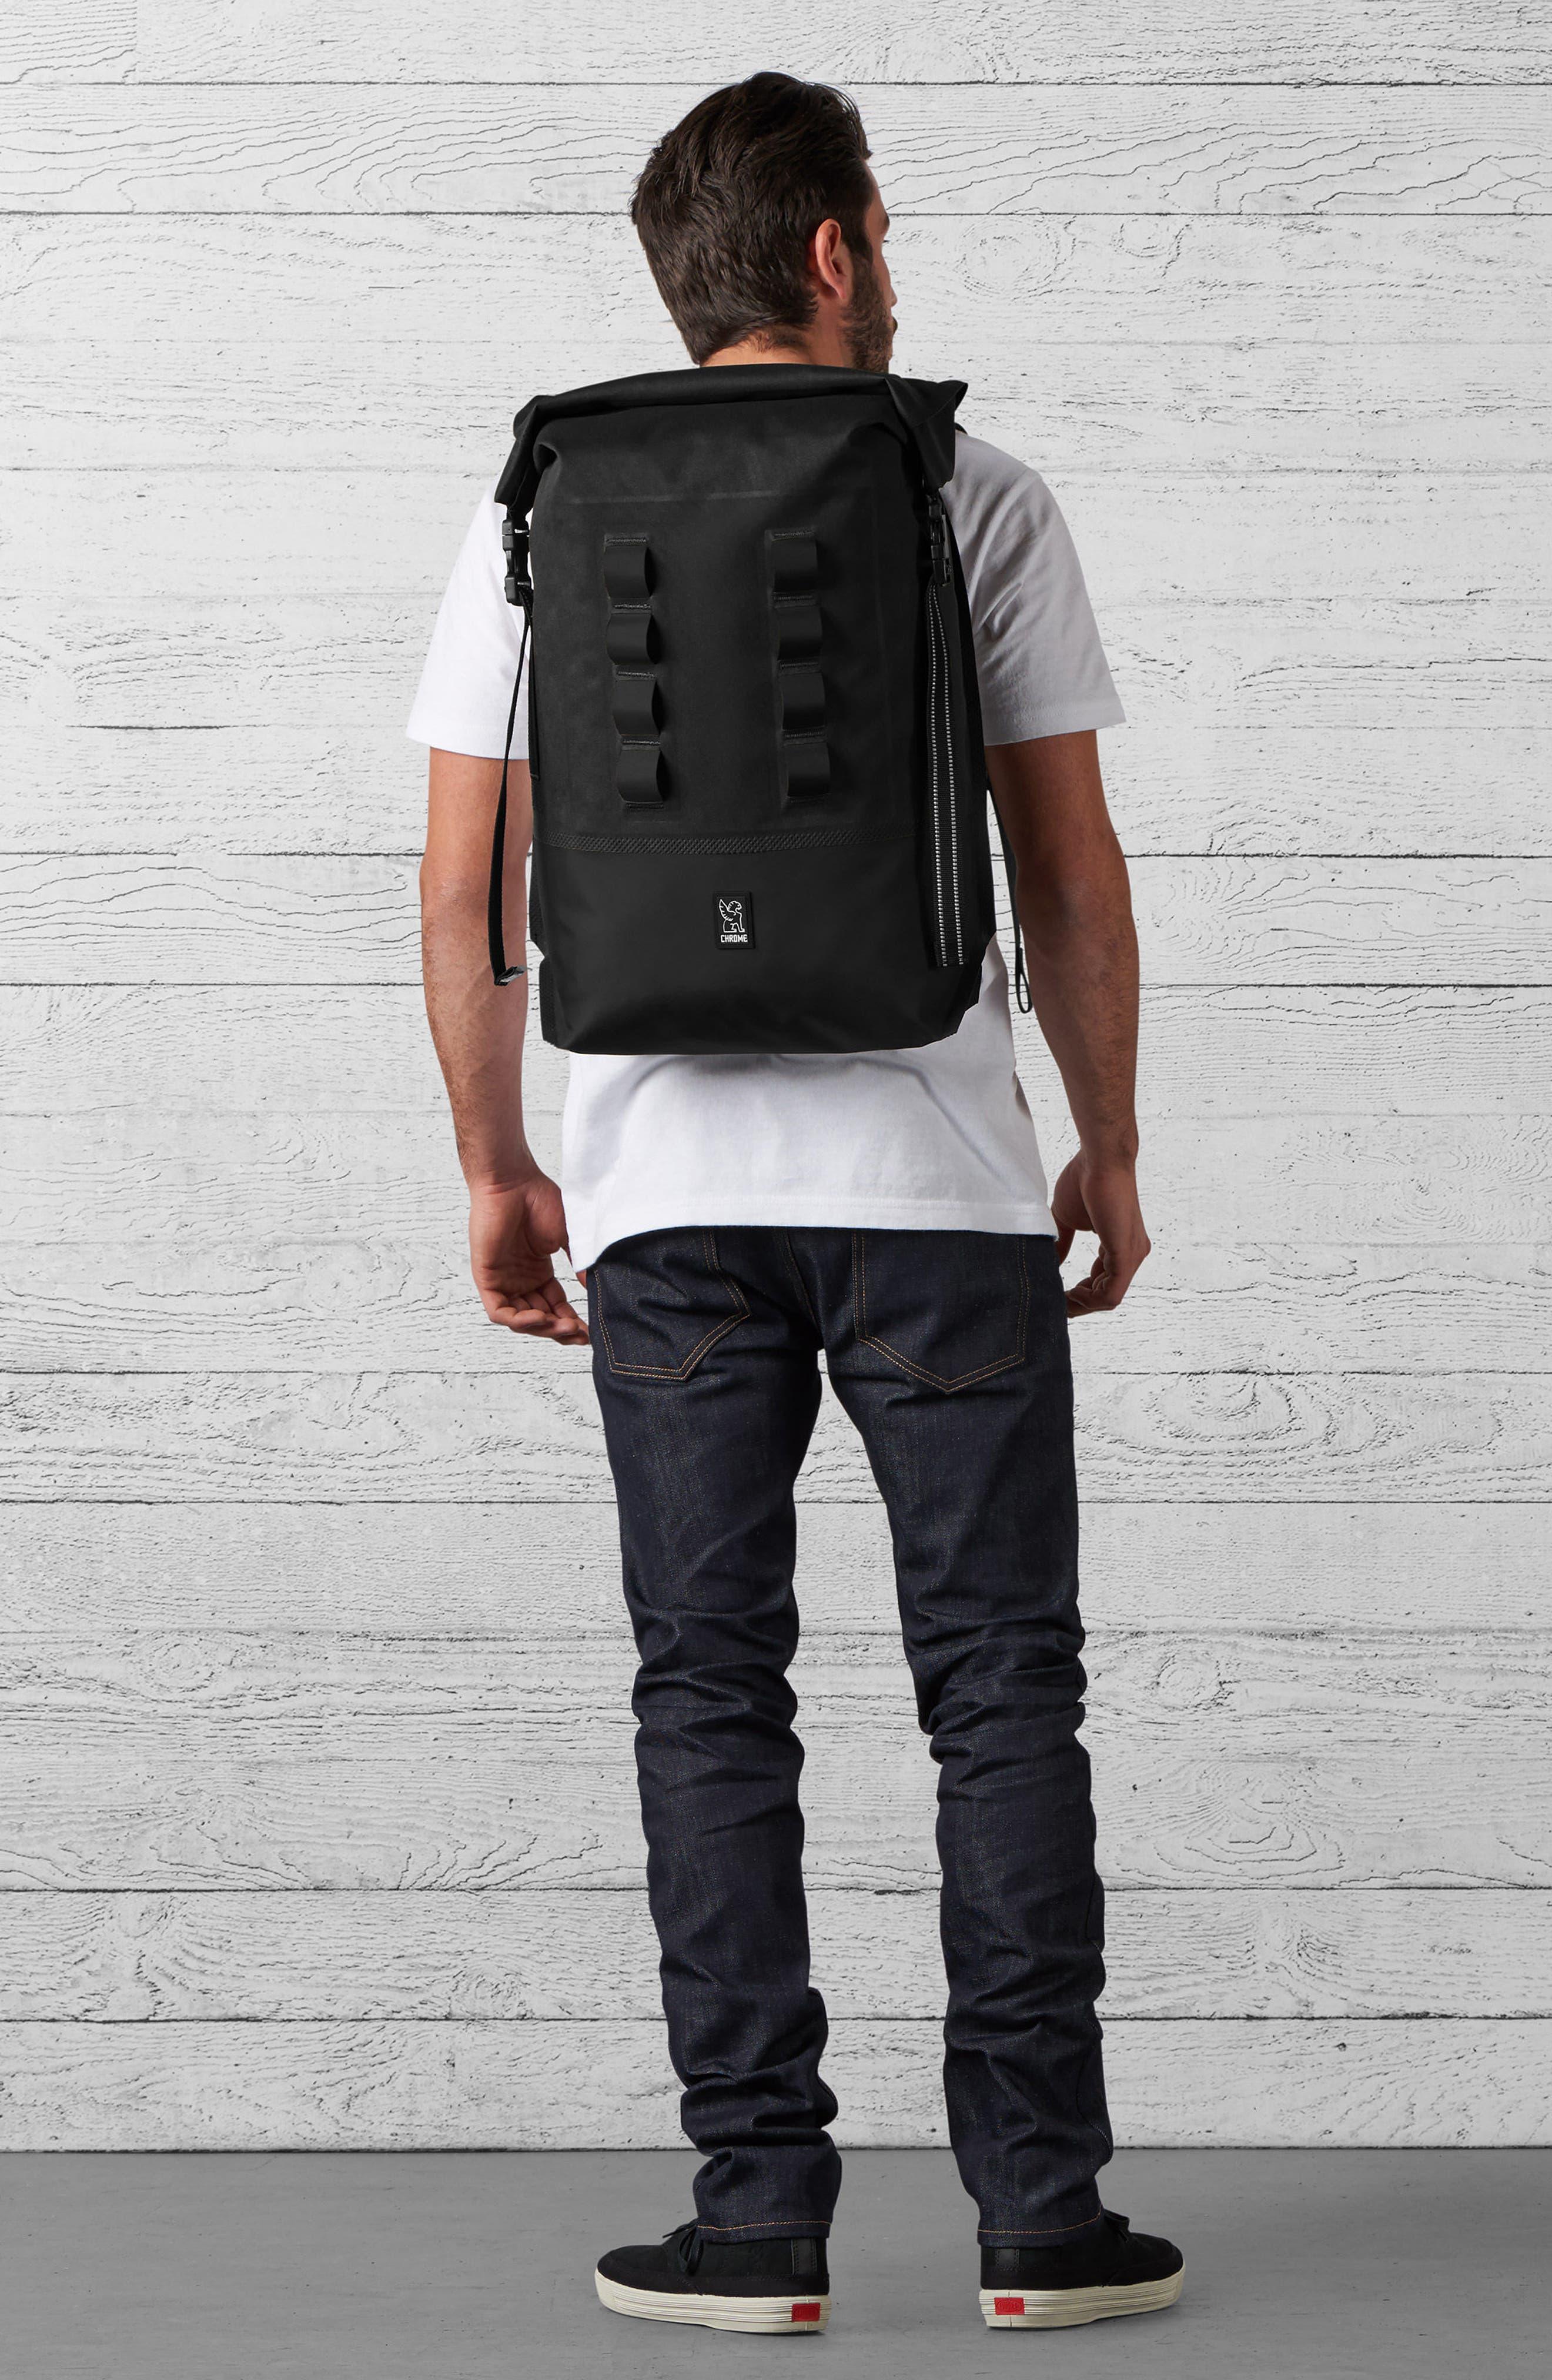 Urban Ex Rolltop Waterproof Backpack,                             Alternate thumbnail 2, color,                             BLACK/ BLACK